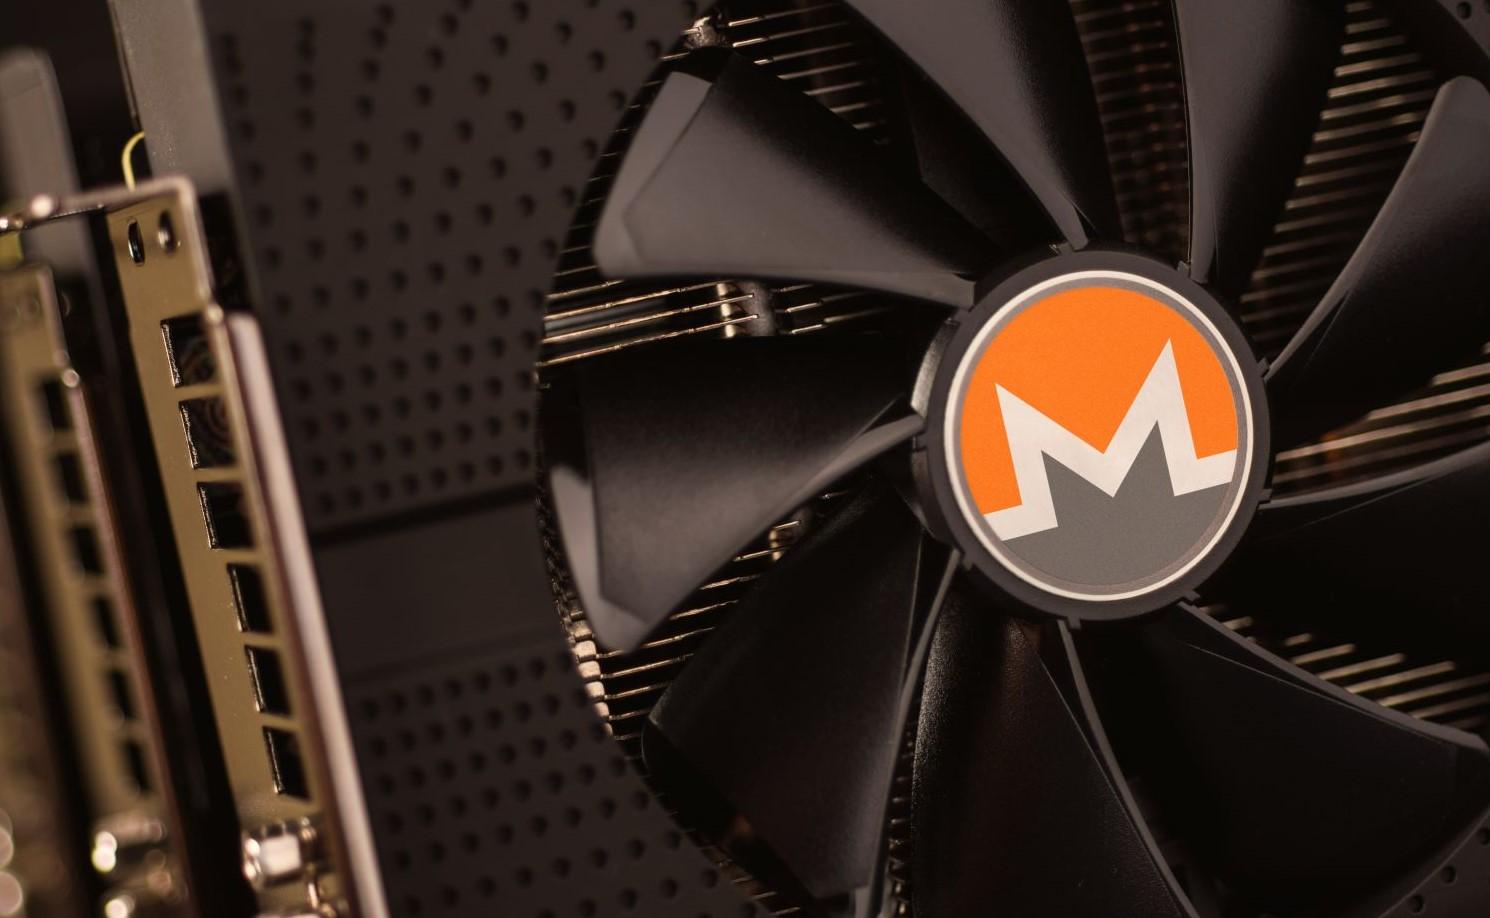 Monero XMR actualiza su protocolo de consenso a RandomX